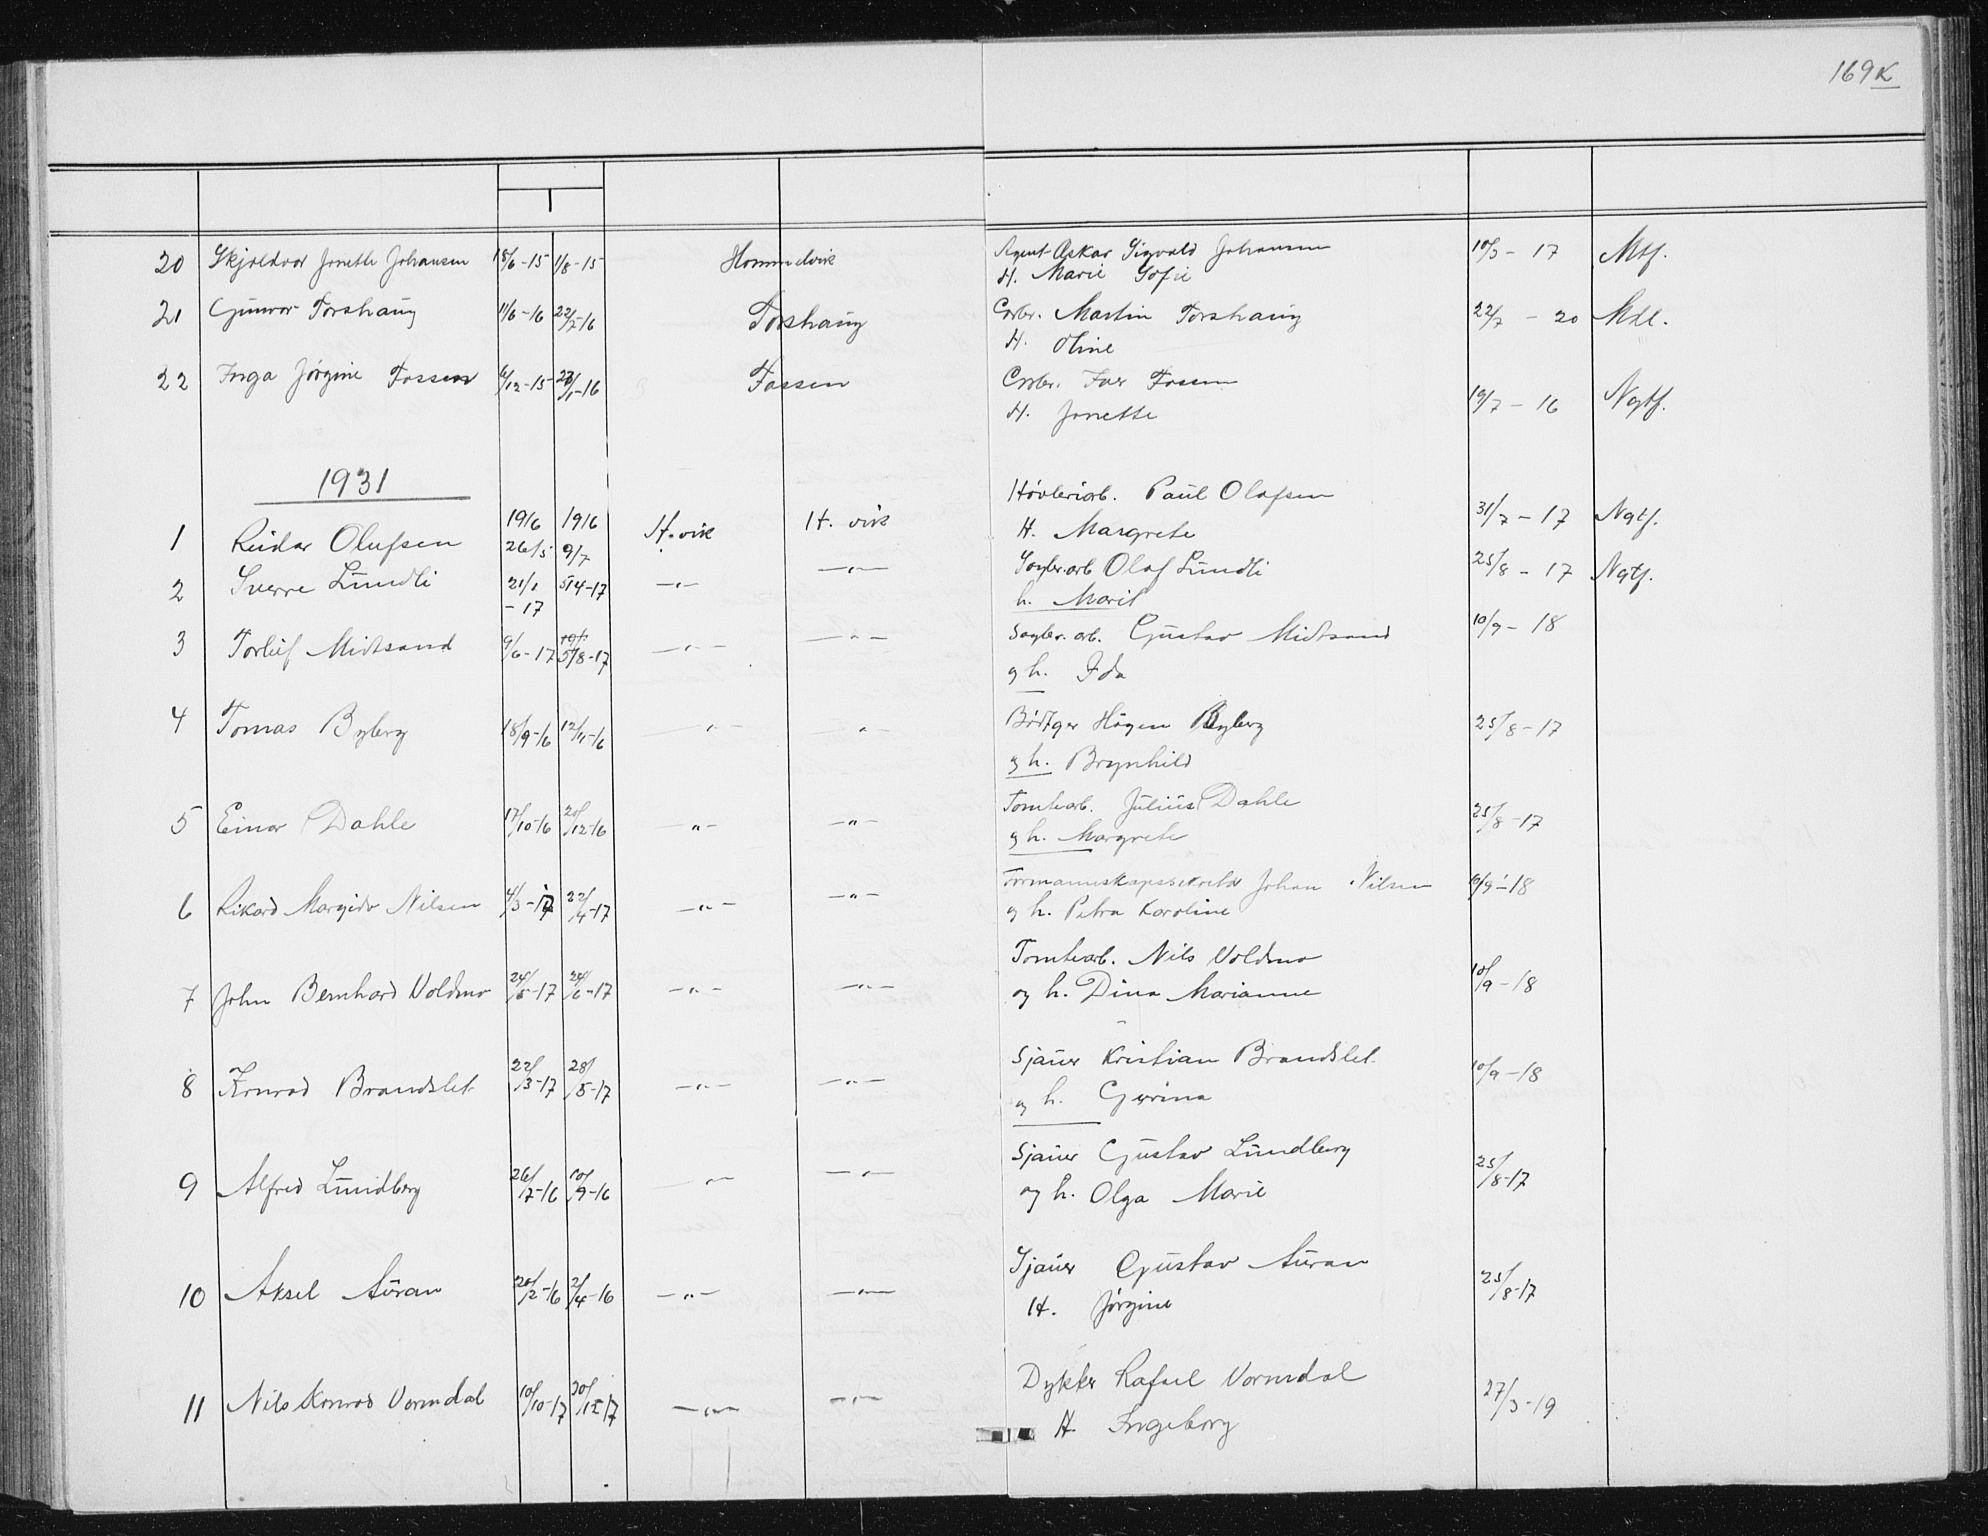 SAT, Ministerialprotokoller, klokkerbøker og fødselsregistre - Sør-Trøndelag, 617/L0431: Klokkerbok nr. 617C02, 1910-1936, s. 169